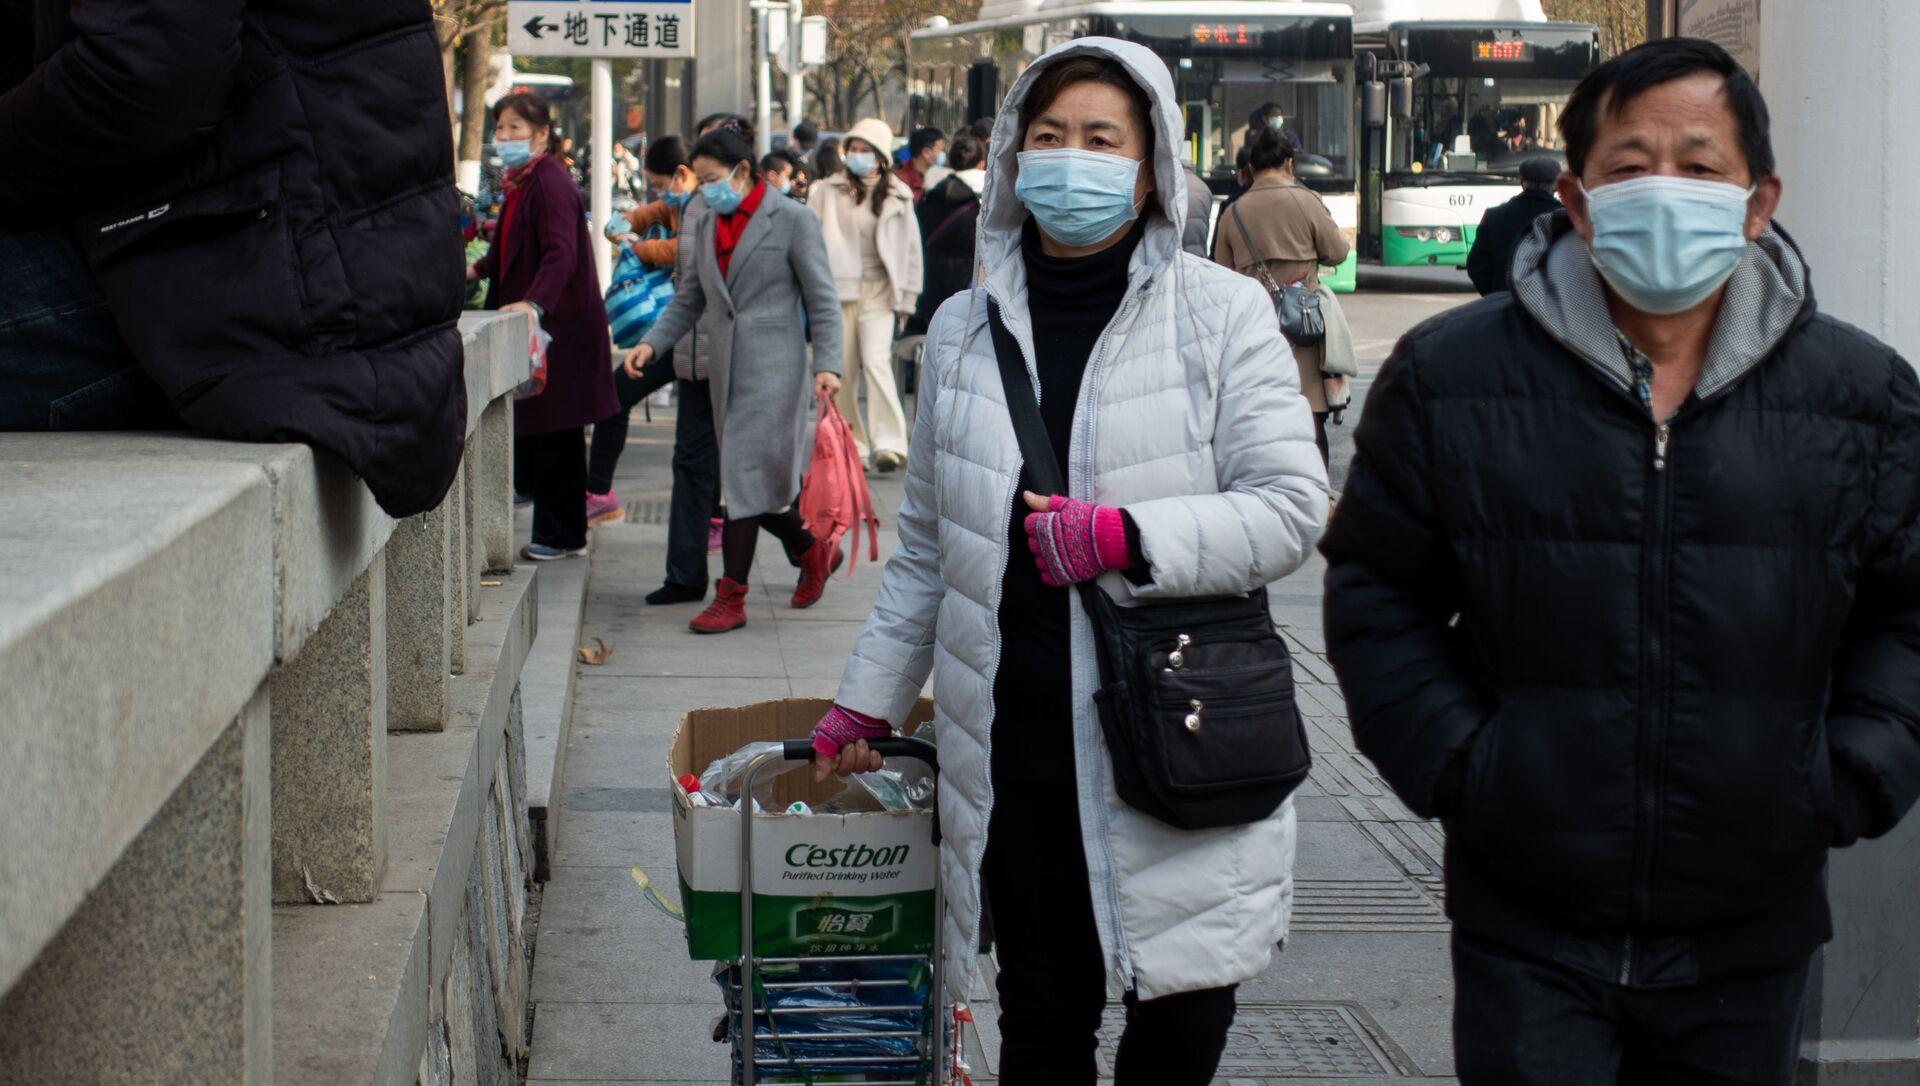 Ludzie w maskach ochronnych na ulicy w Wuhan w Chinach - Sputnik Polska, 1920, 29.05.2021